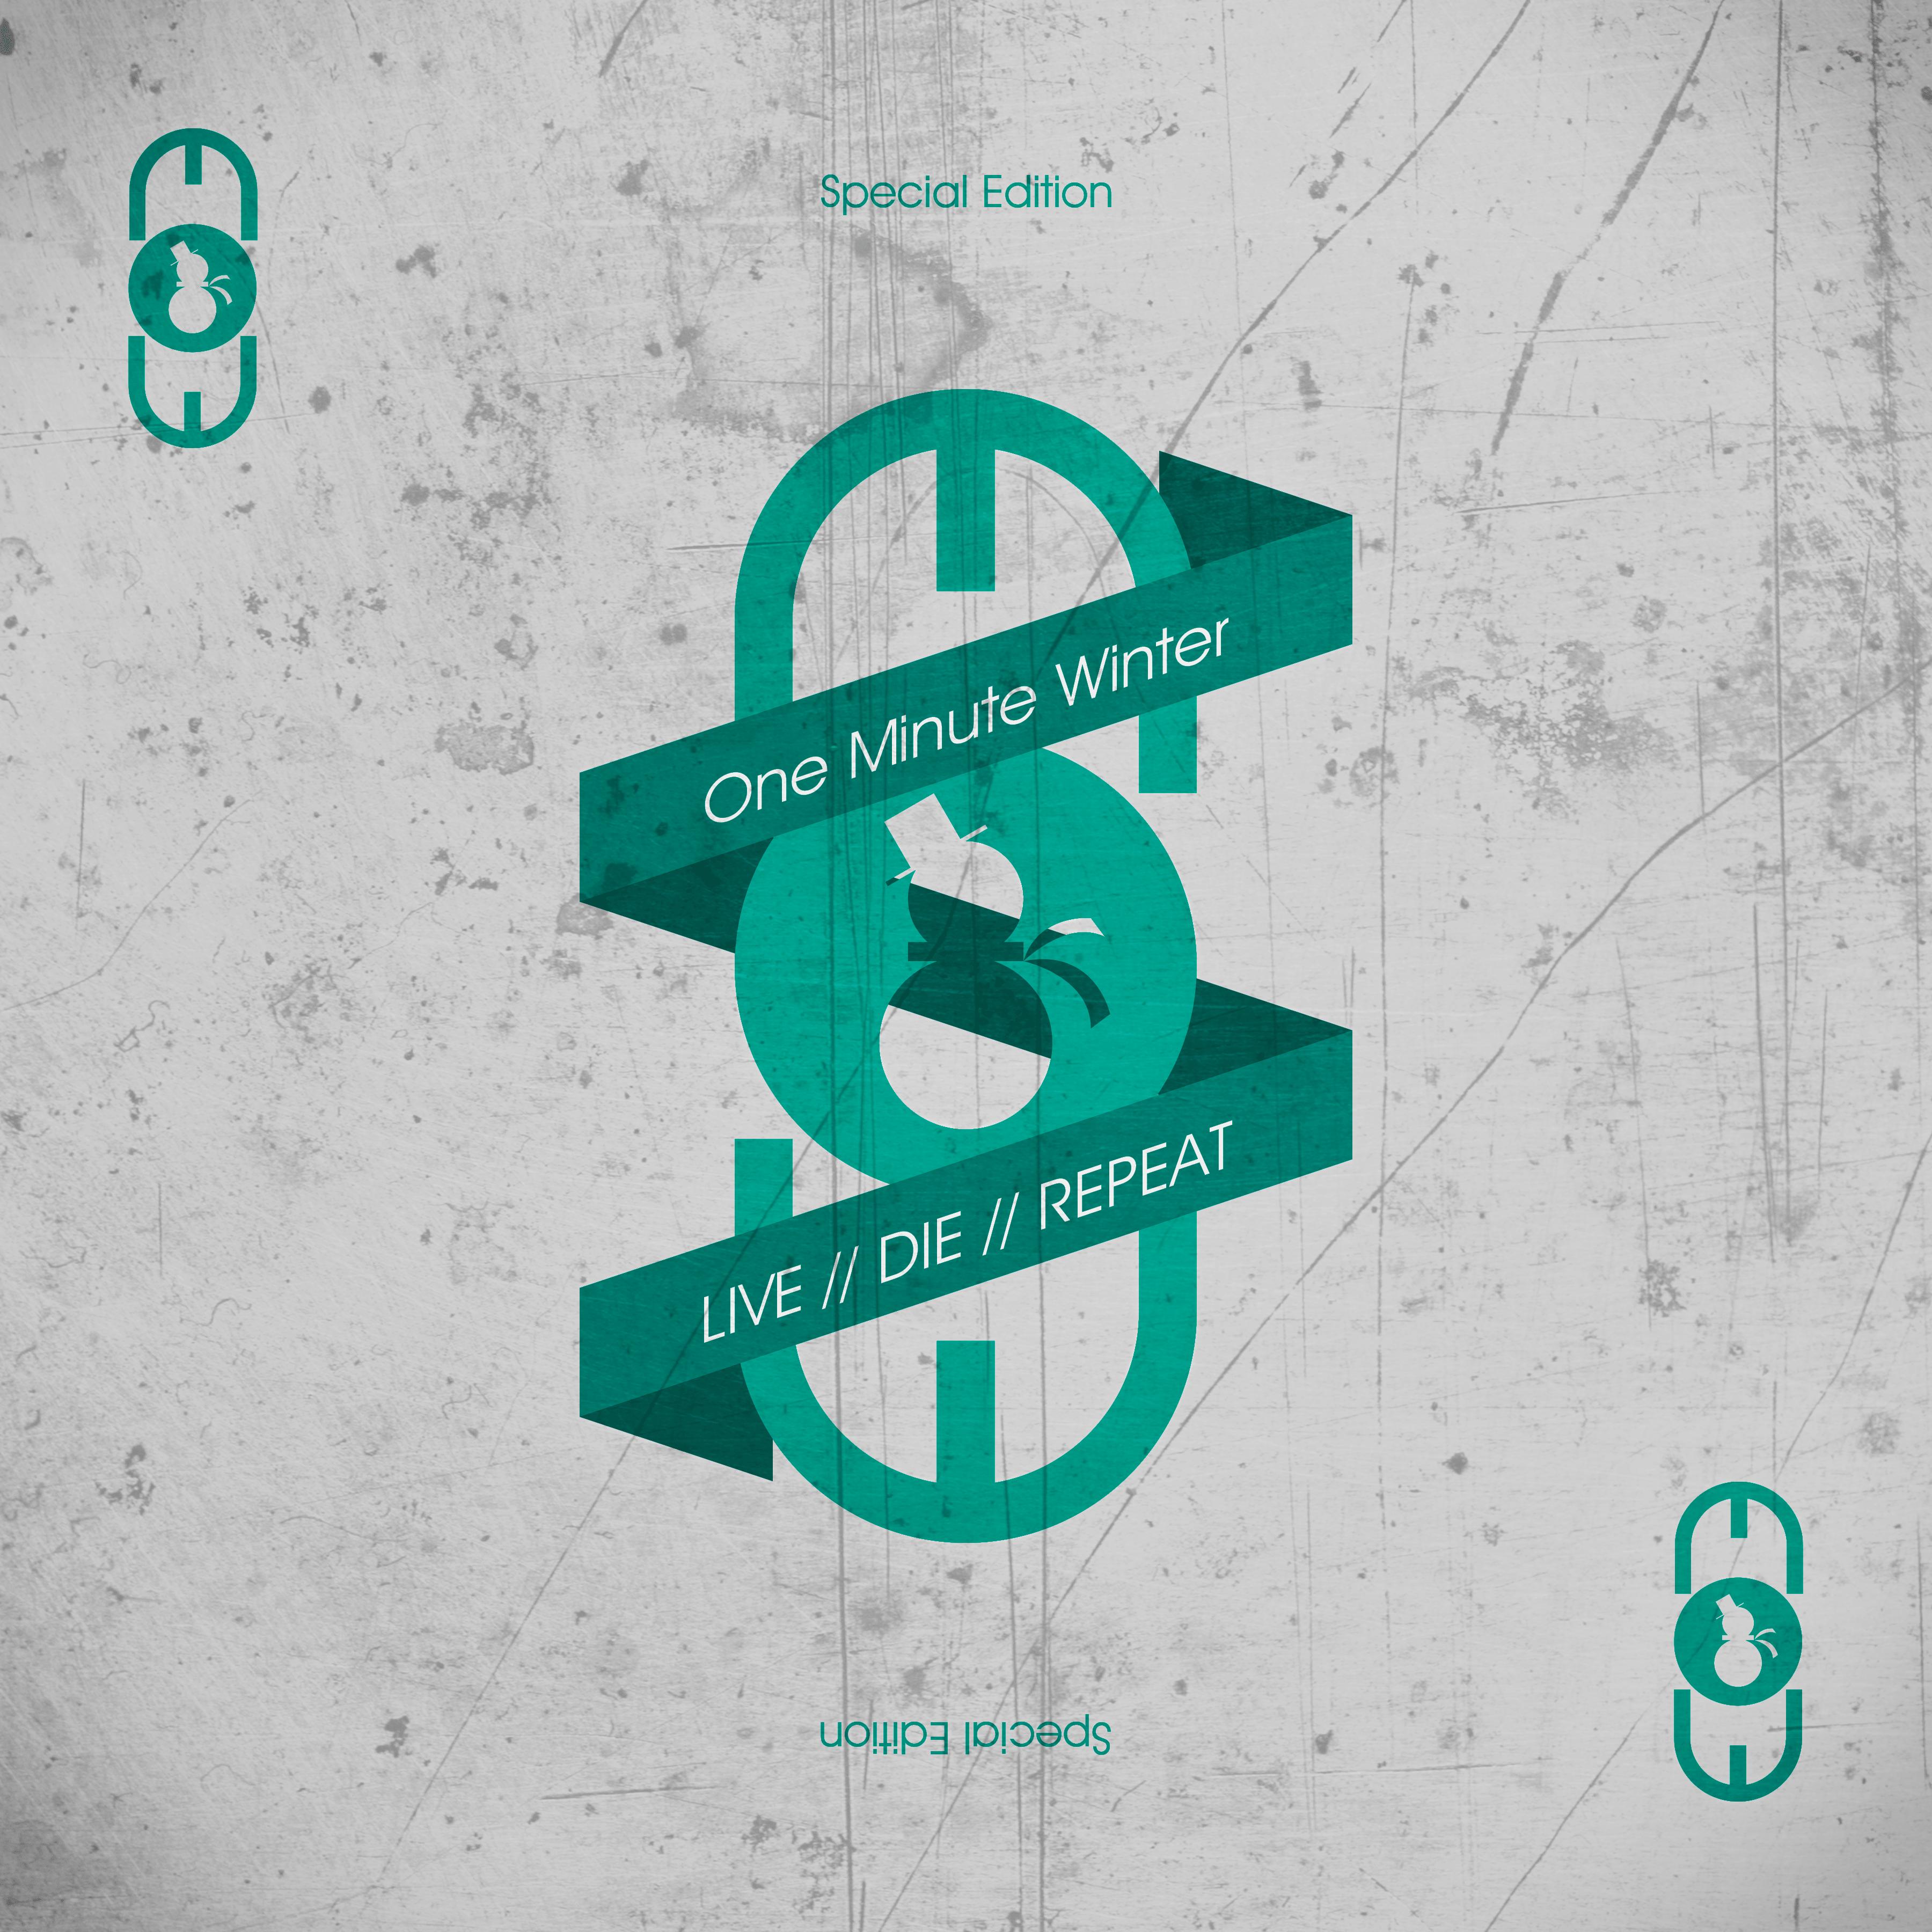 LIVE // DIE // REPEAT : Special Edition (album)